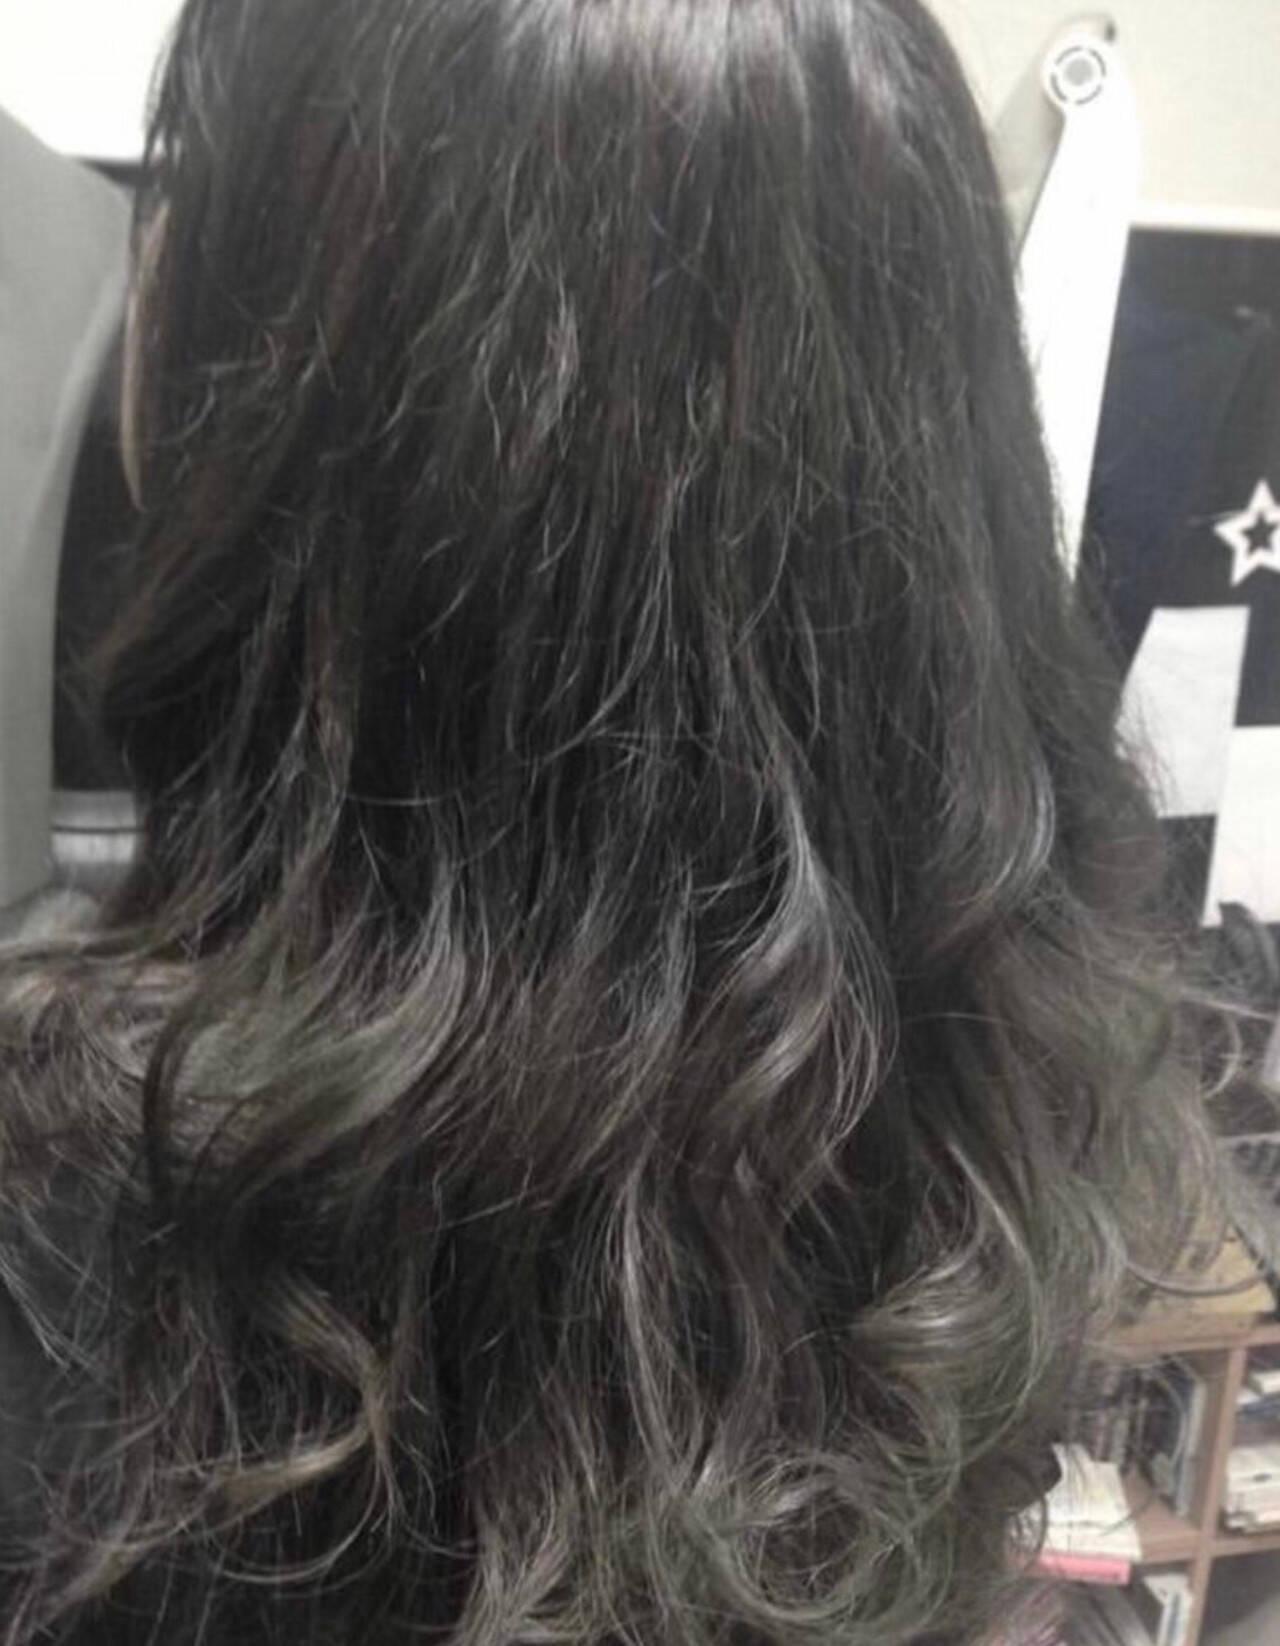 アッシュグラデーション ストリート グラデーションカラー シルバーグレージュヘアスタイルや髪型の写真・画像